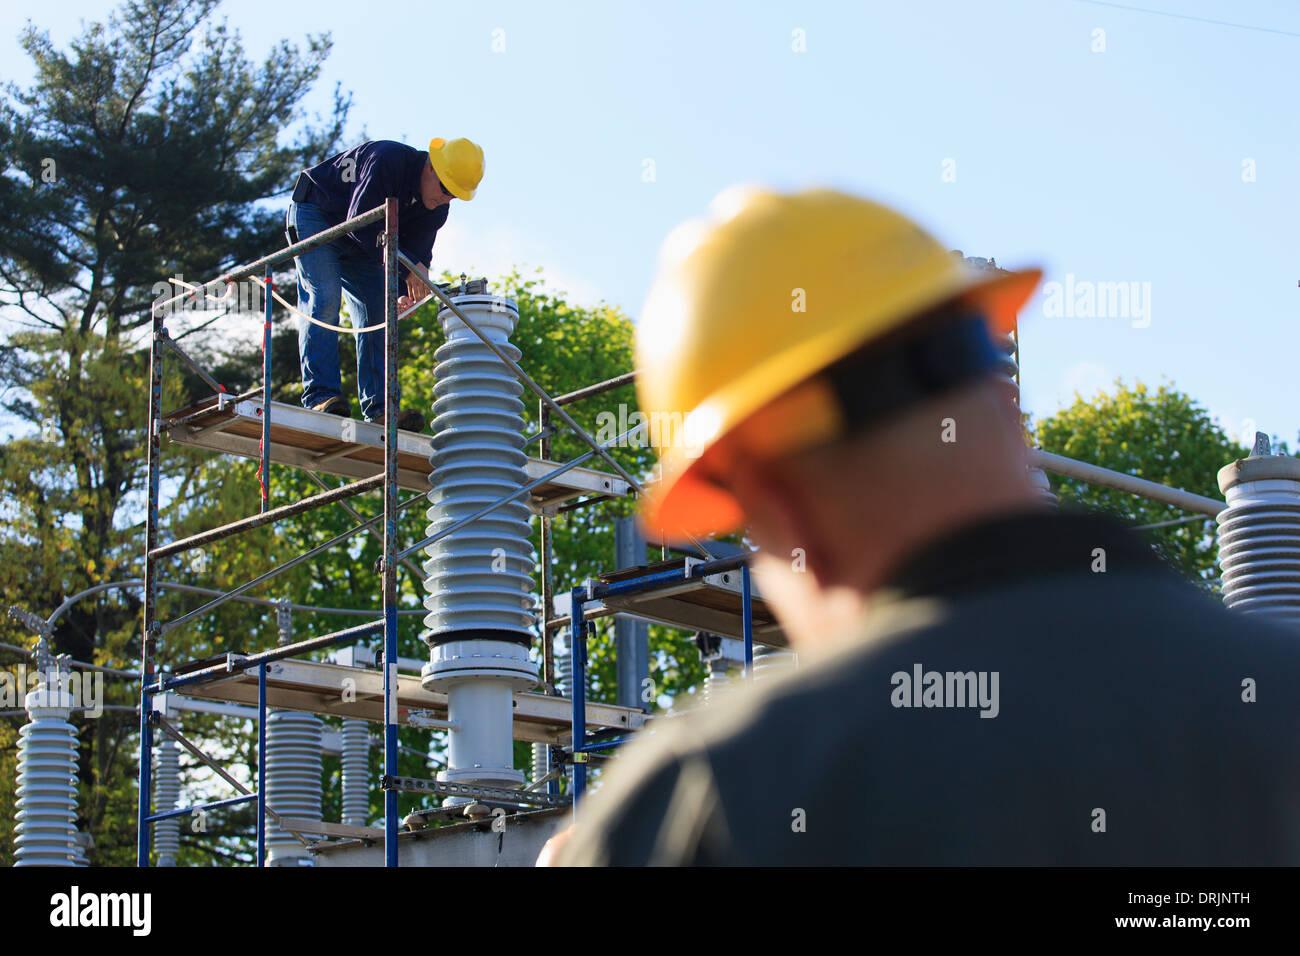 Ingeniero de poder realizar trabajos de mantenimiento en líquido aislante de alta tensión, Braintree, Massachusetts, EE.UU. Imagen De Stock